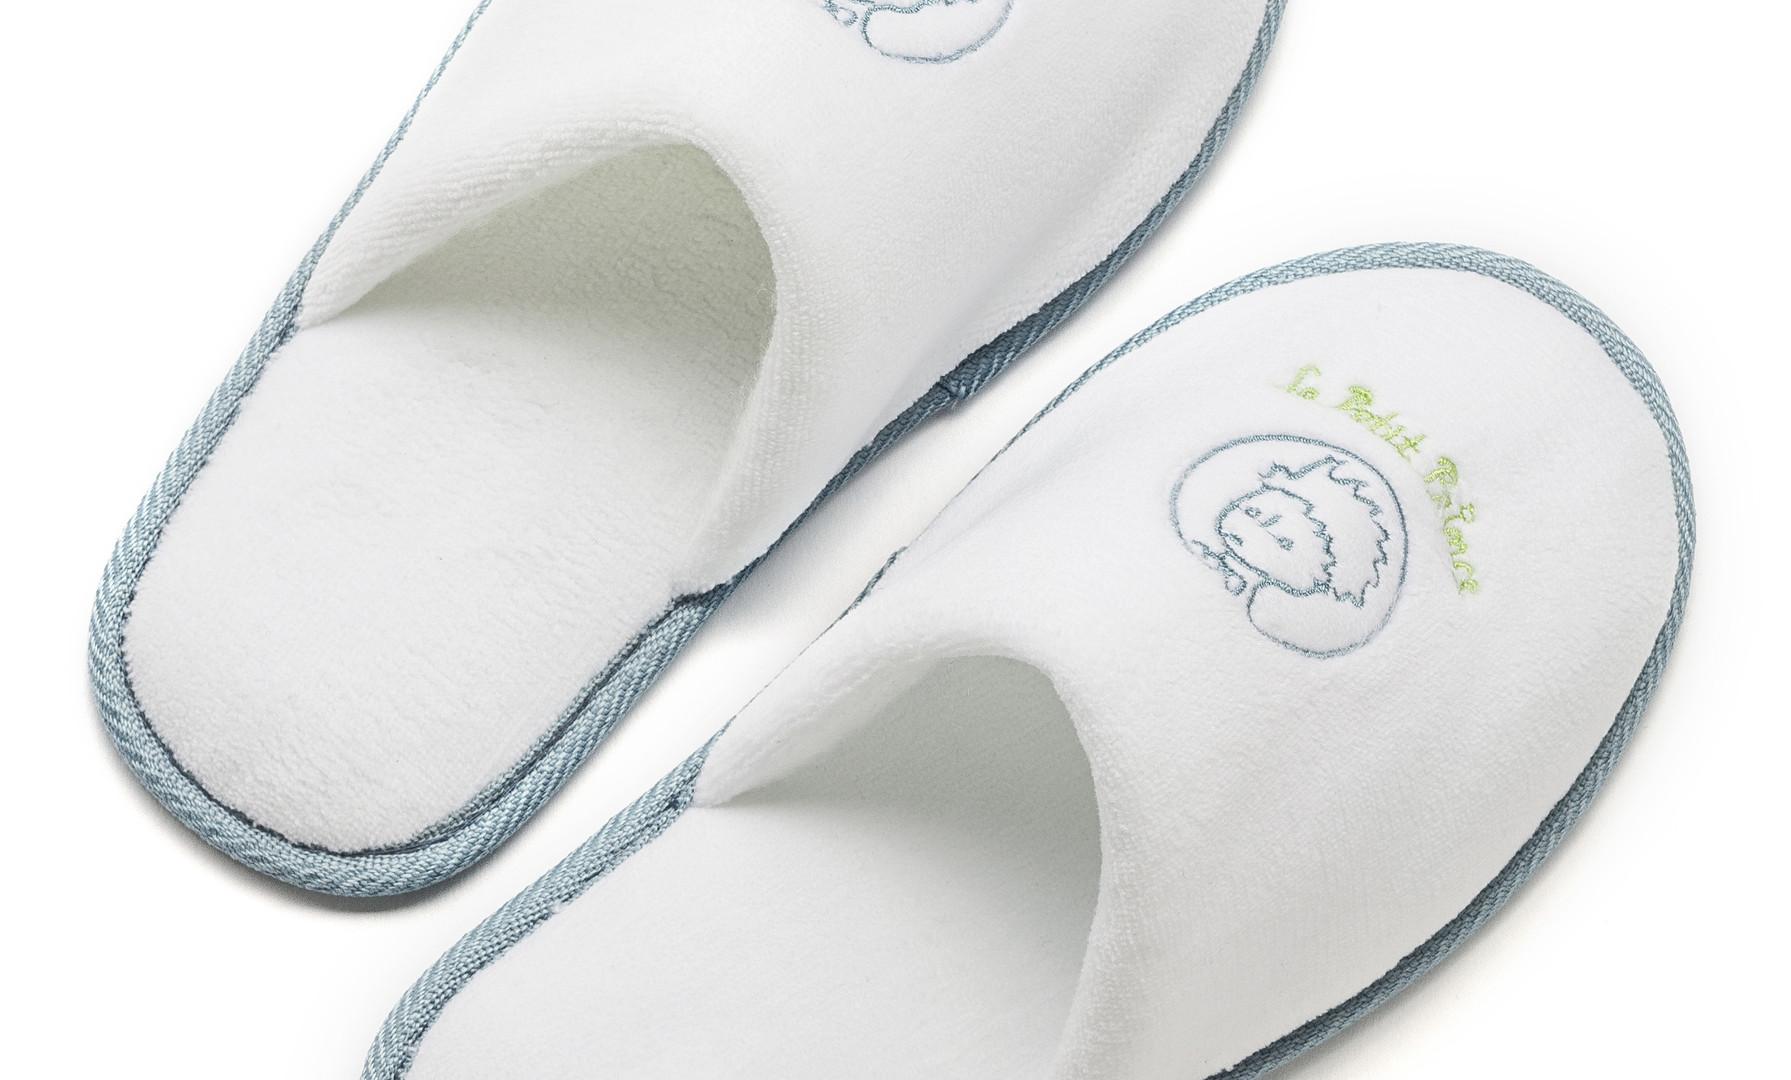 LPP - Slippers.jpg